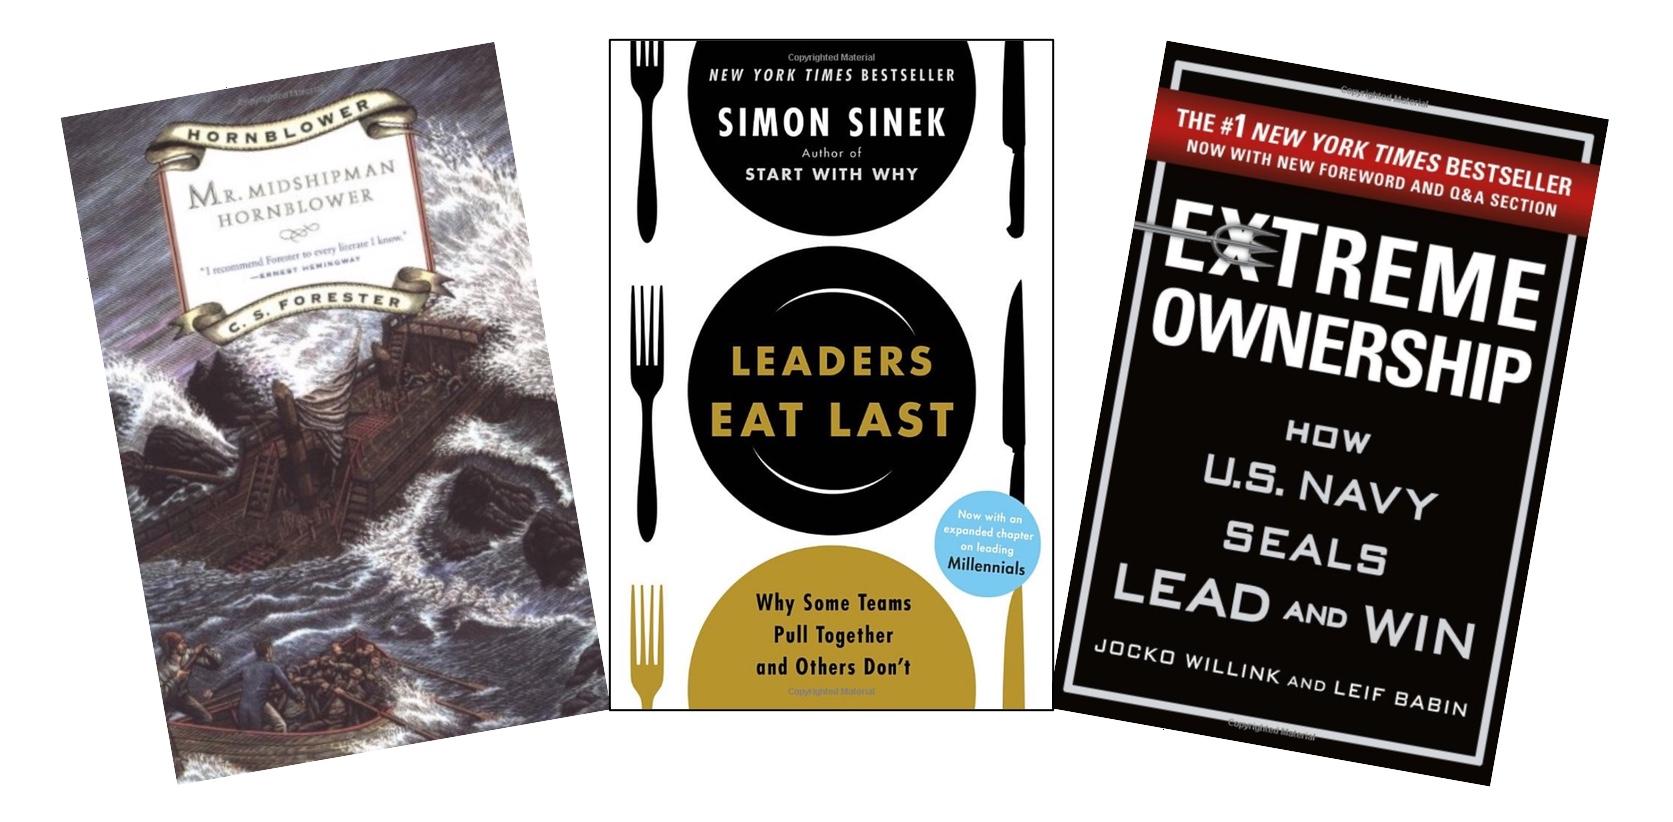 3 leadership books